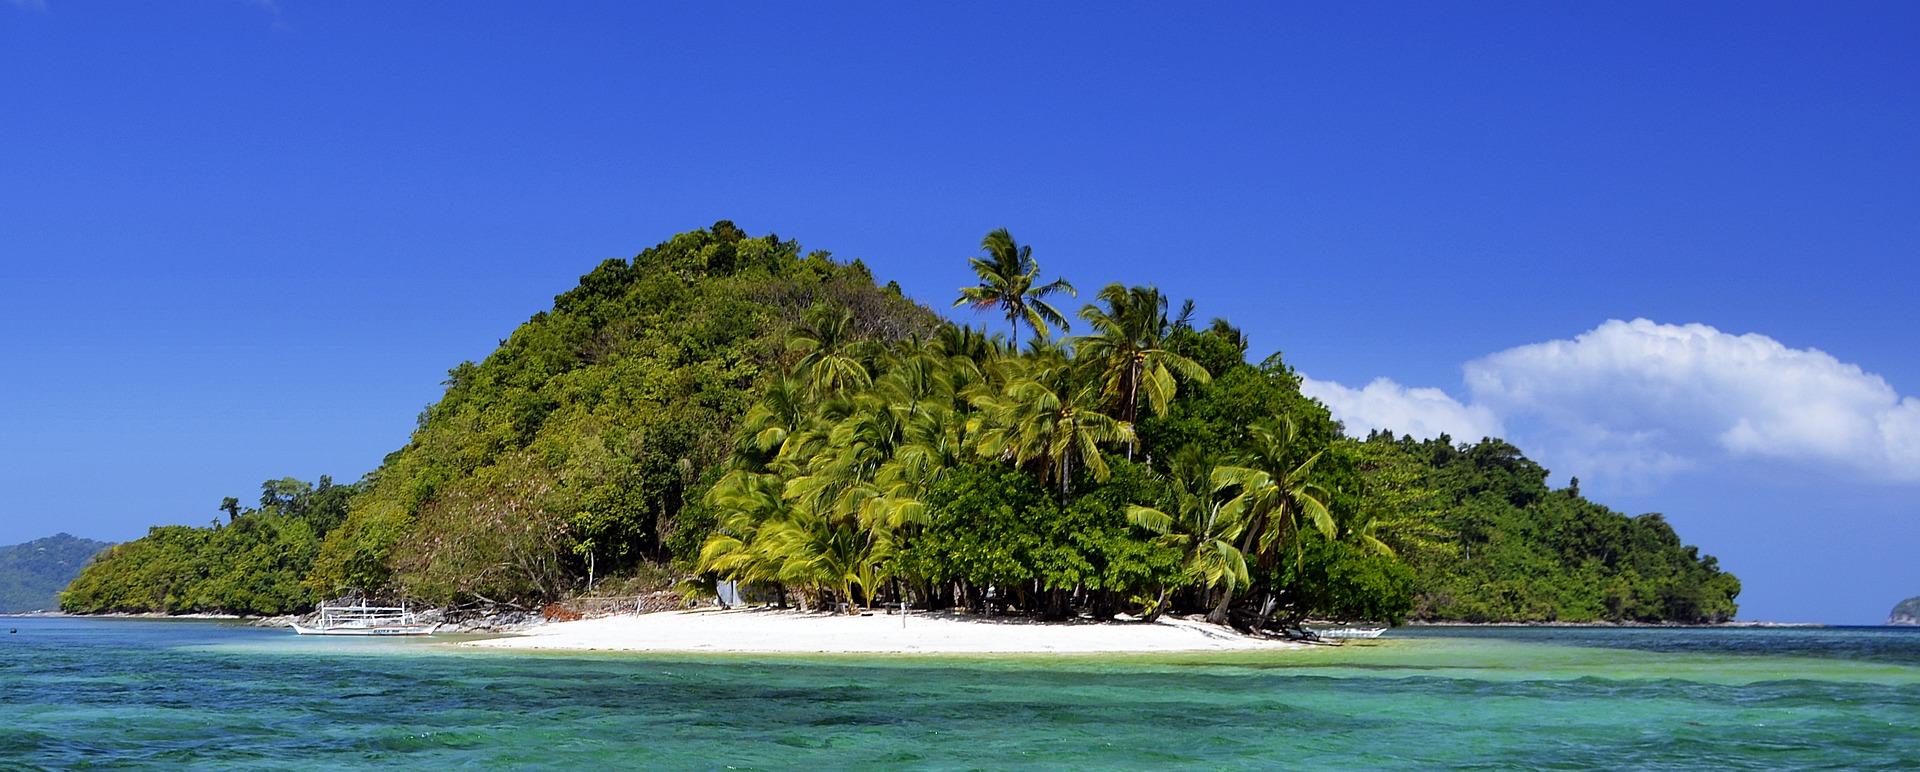 Philippinen Urlaub planen & den besten Deal finden